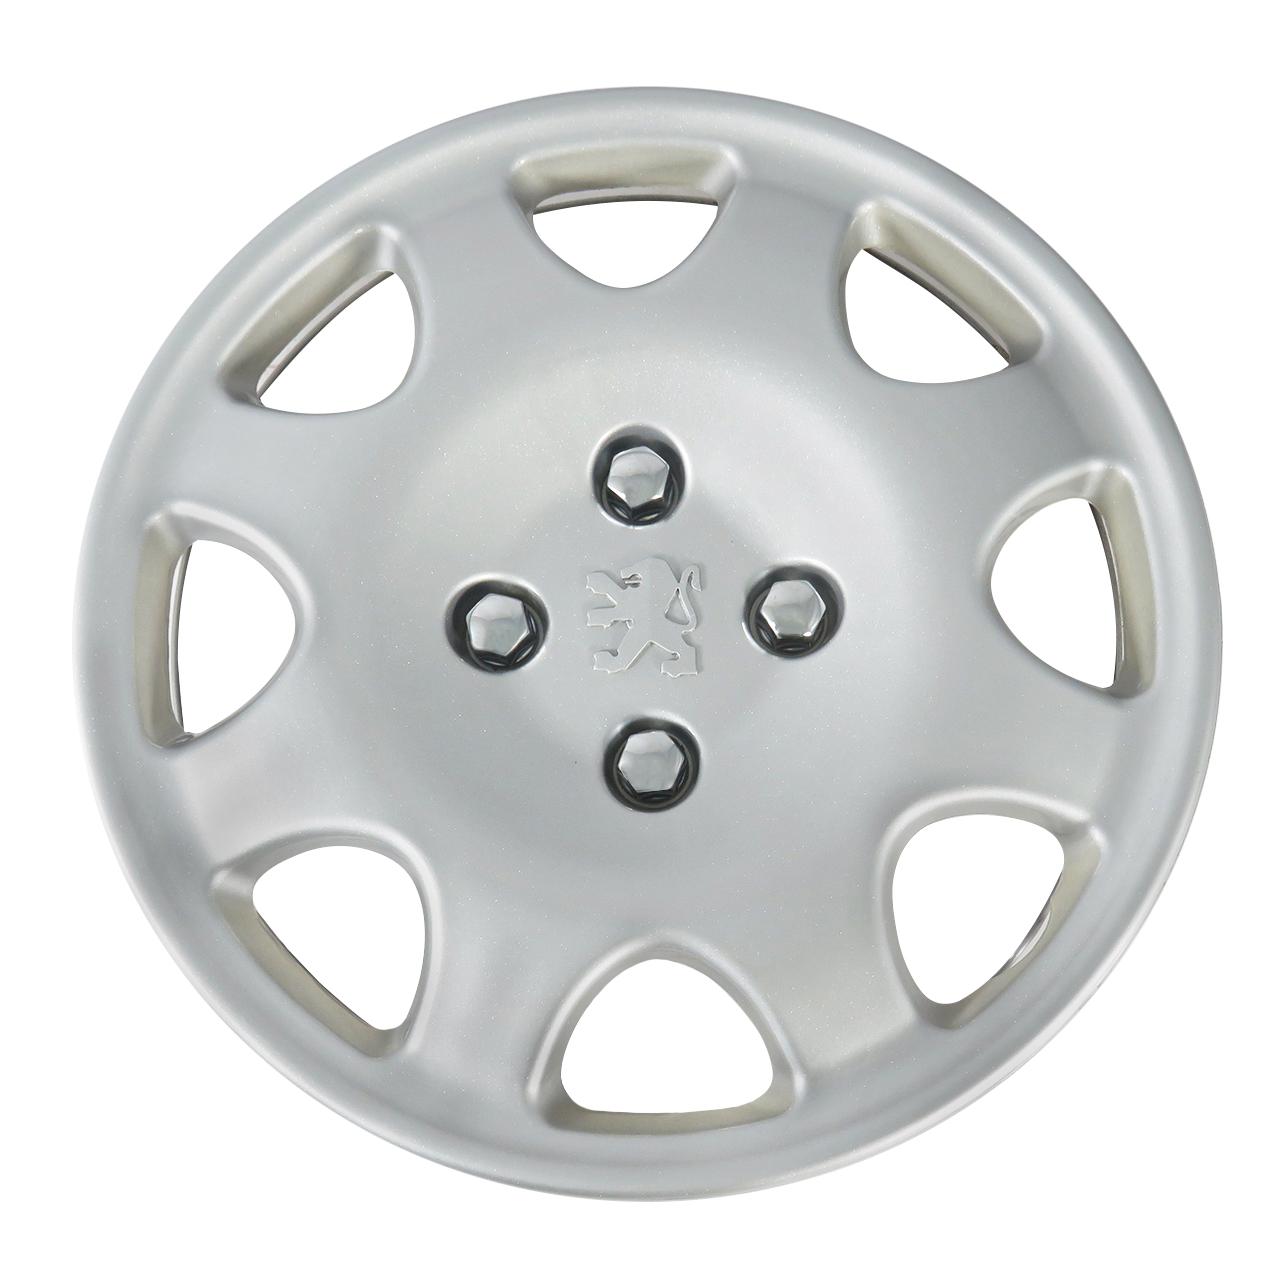 قالپاق چرخ کد 2210724106 سایز 14 اینچ مناسب برای پژو پارس